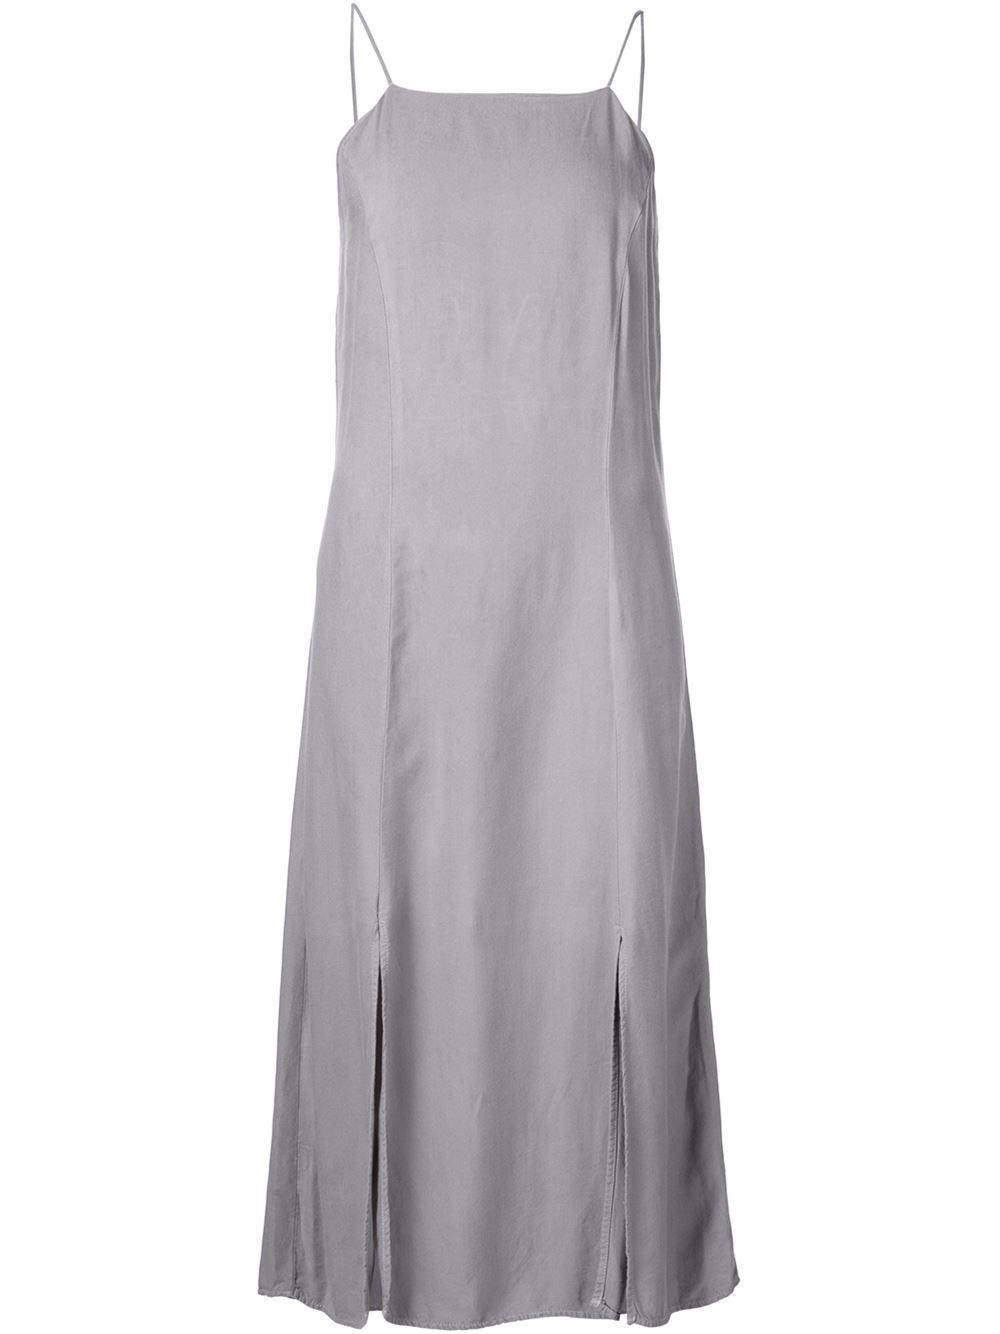 21 Maxi Slip Dress